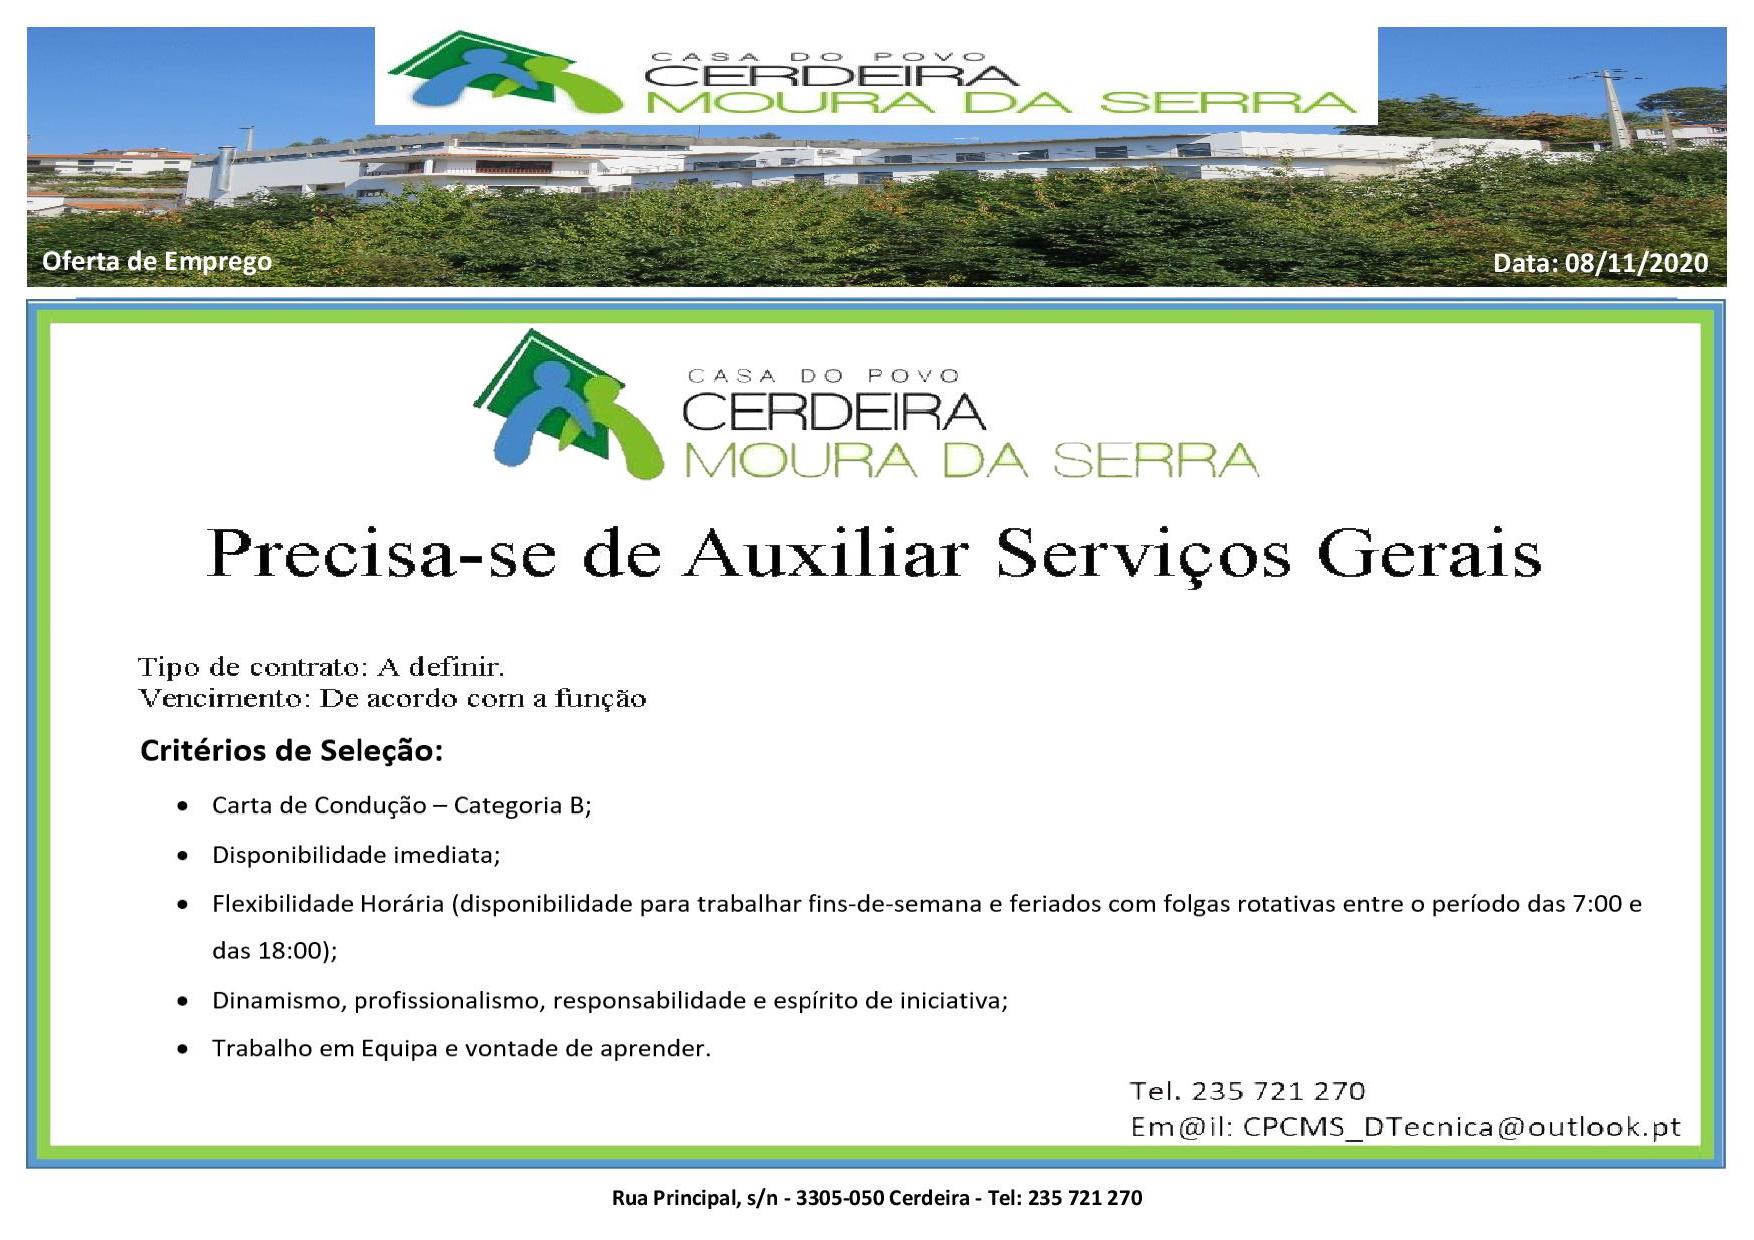 Casa do Povo de Cerdeira e Moura da Serra, I.P.S.S. – Oferta de Emprego em 08/11/2020